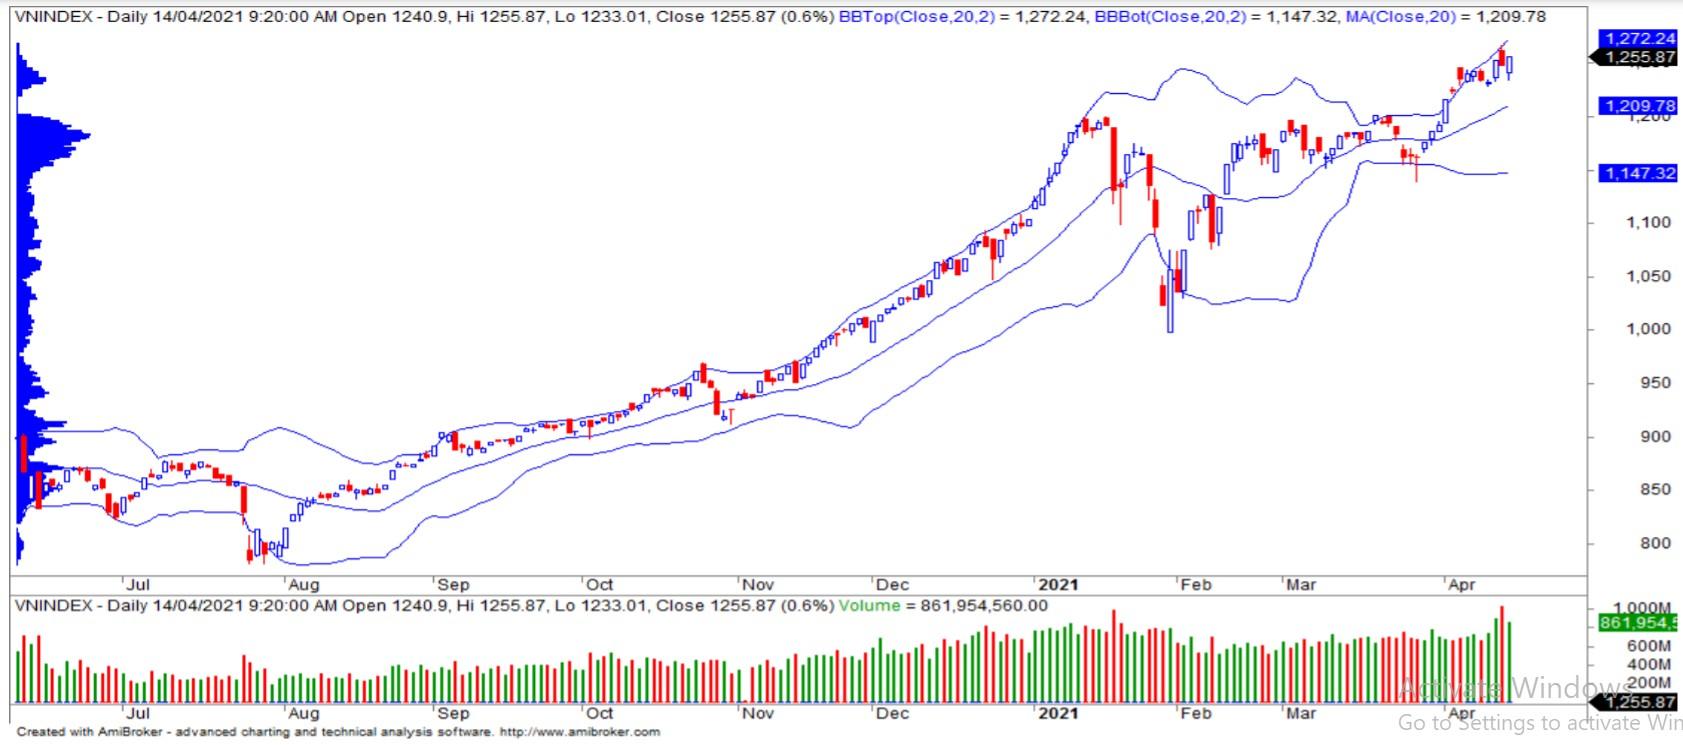 Nhận định thị trường chứng khoán ngày 15/4: Tăng điểm để kiểm nghiệm lại các ngưỡng kháng cự cao hơn - Ảnh 1.